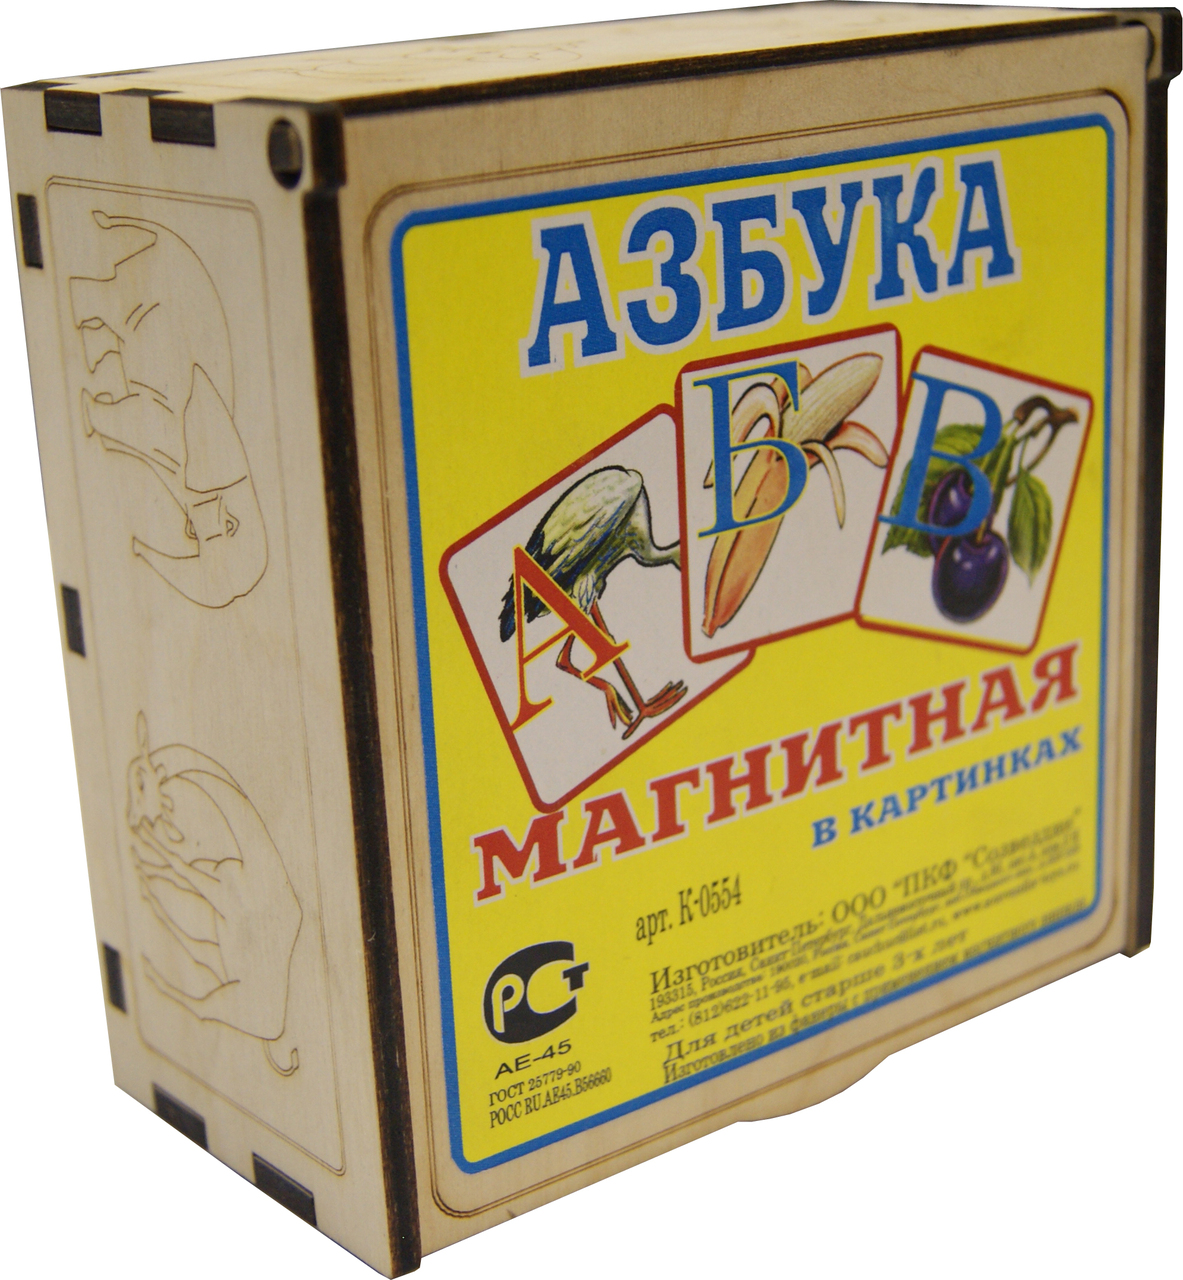 Алфавит в картинках на магнитах